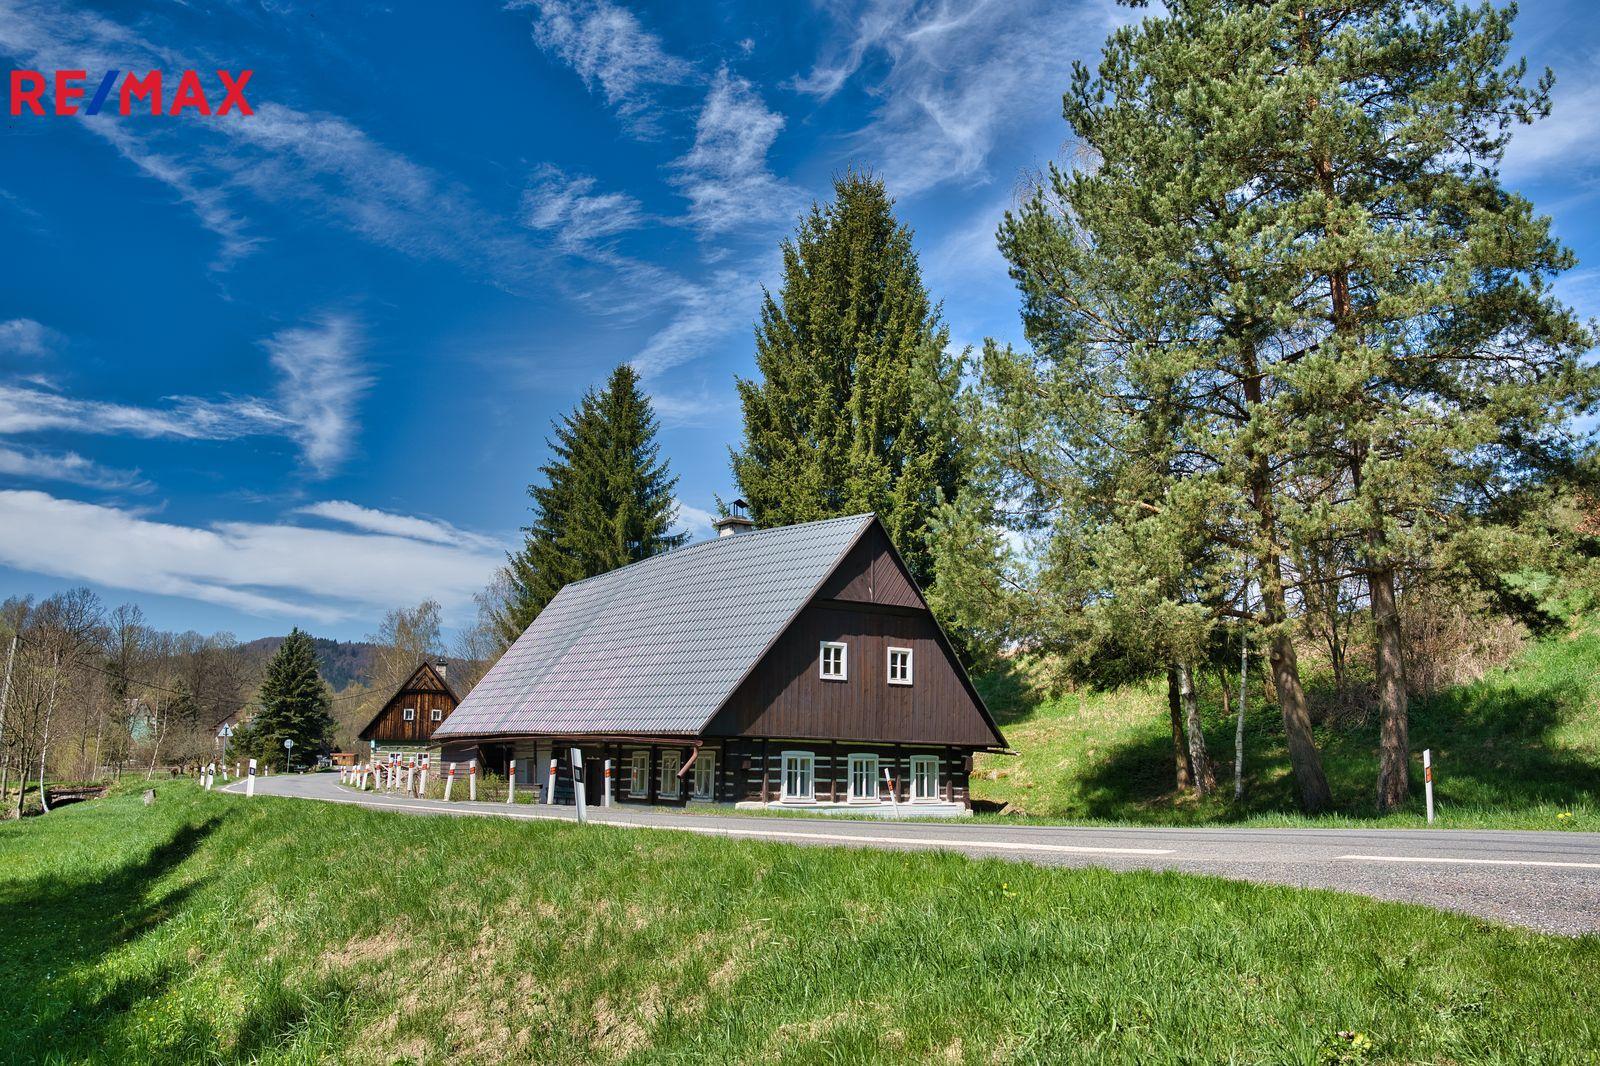 Prodej chaty / chalupy, 118 m2, Jívka